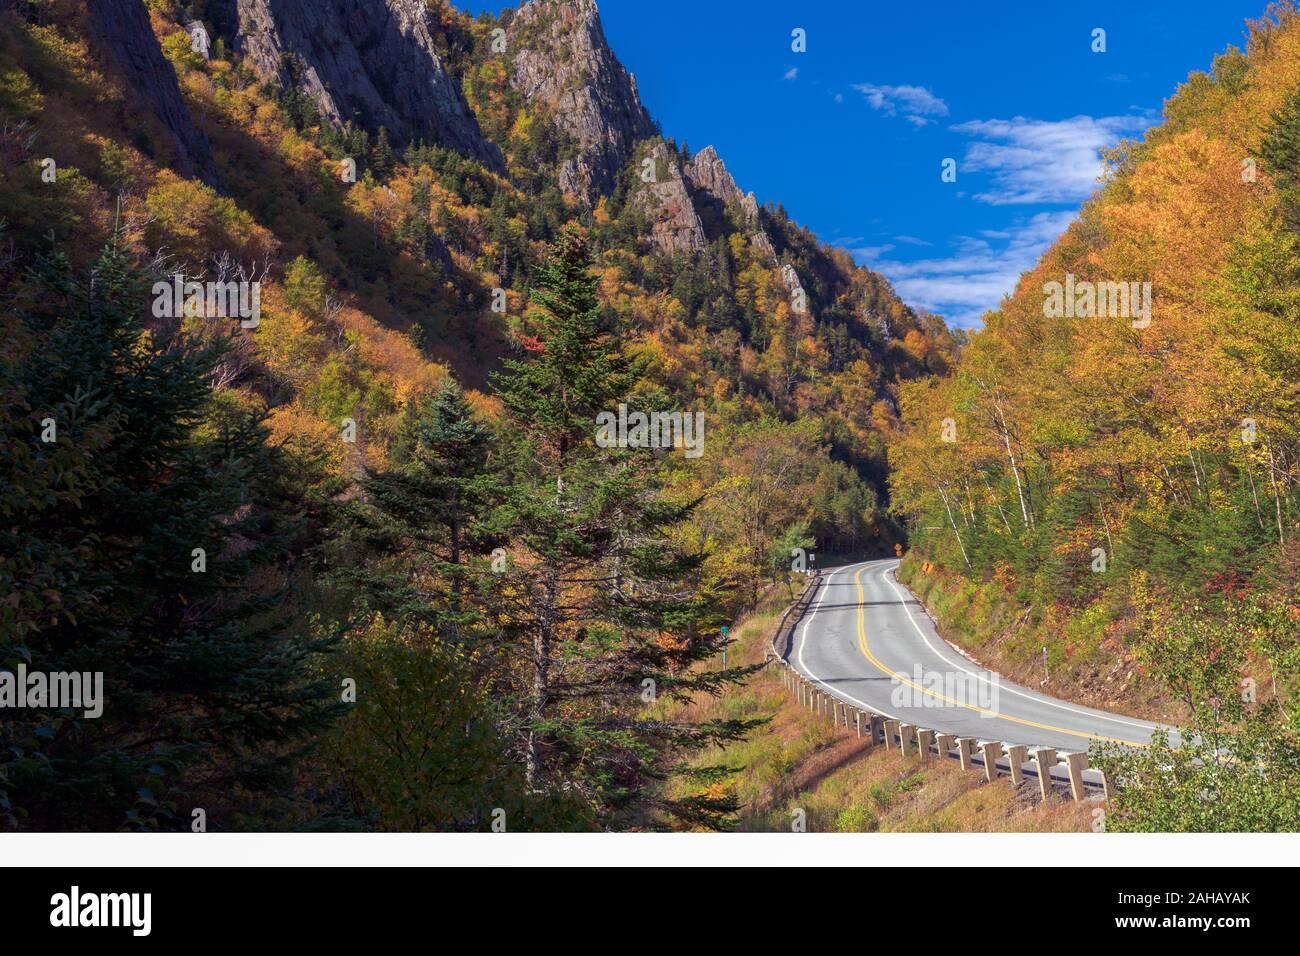 Una strada si snoda attraverso la tacca Dixville mountain pass in New Hampshire. Foto Stock